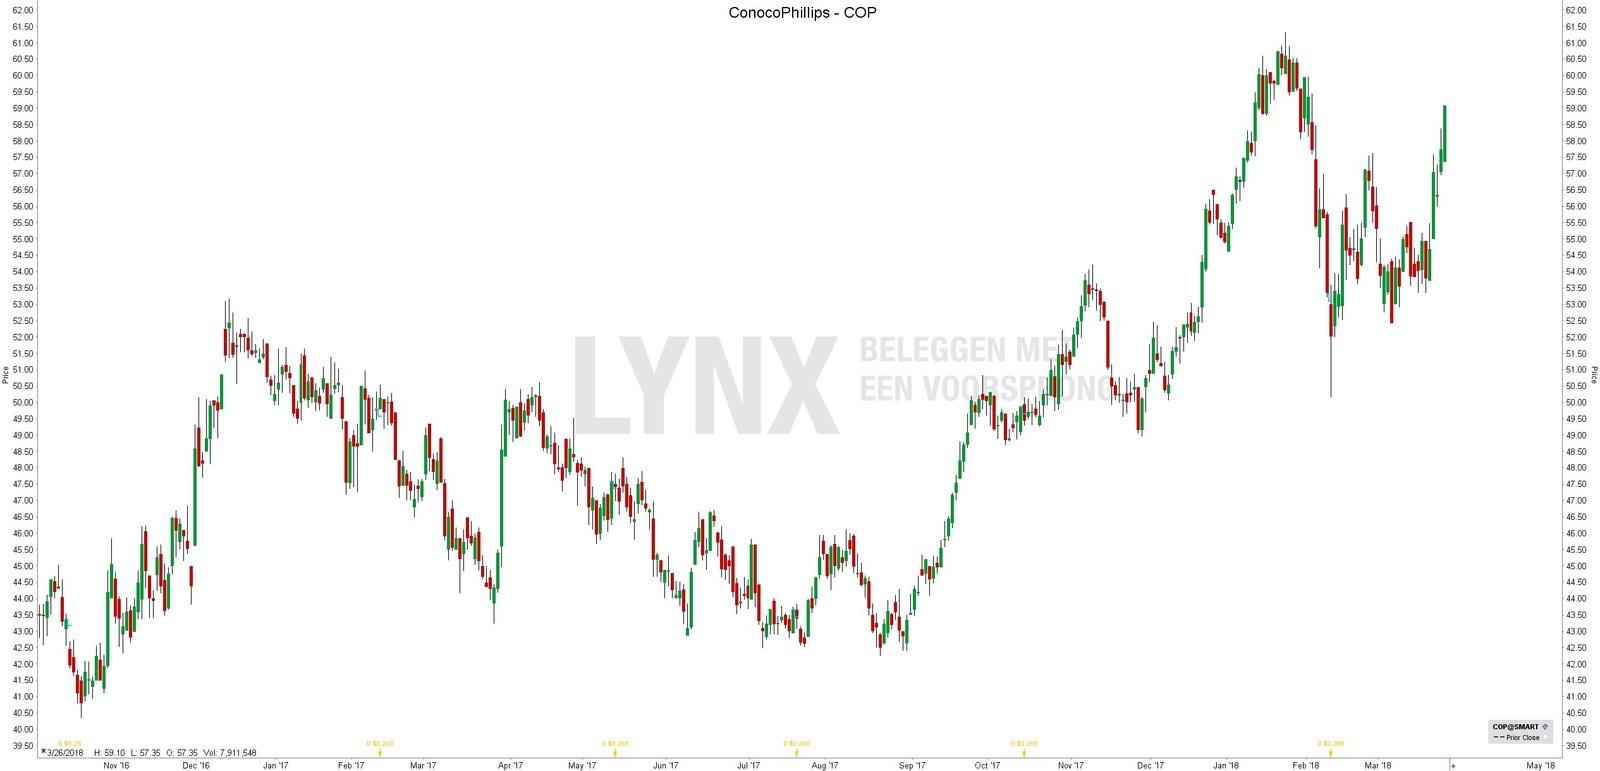 Beste olie aandelen - aandeel conocoPhillips COP - Beleggen in olie